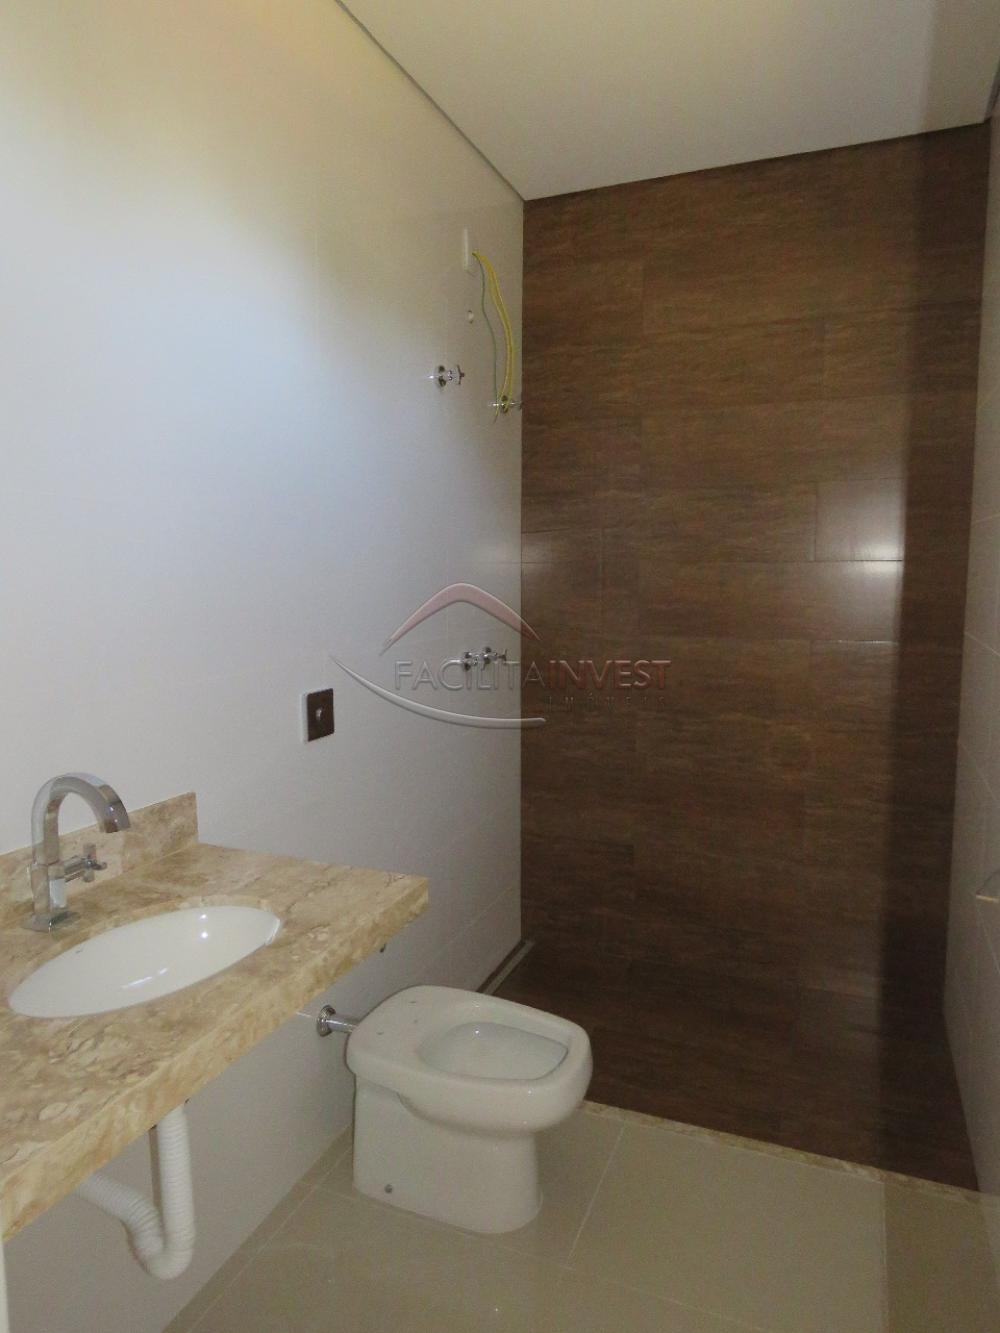 Comprar Chácaras em condomínio / Chácara em condomínio em Ribeirão Preto apenas R$ 1.190.000,00 - Foto 27